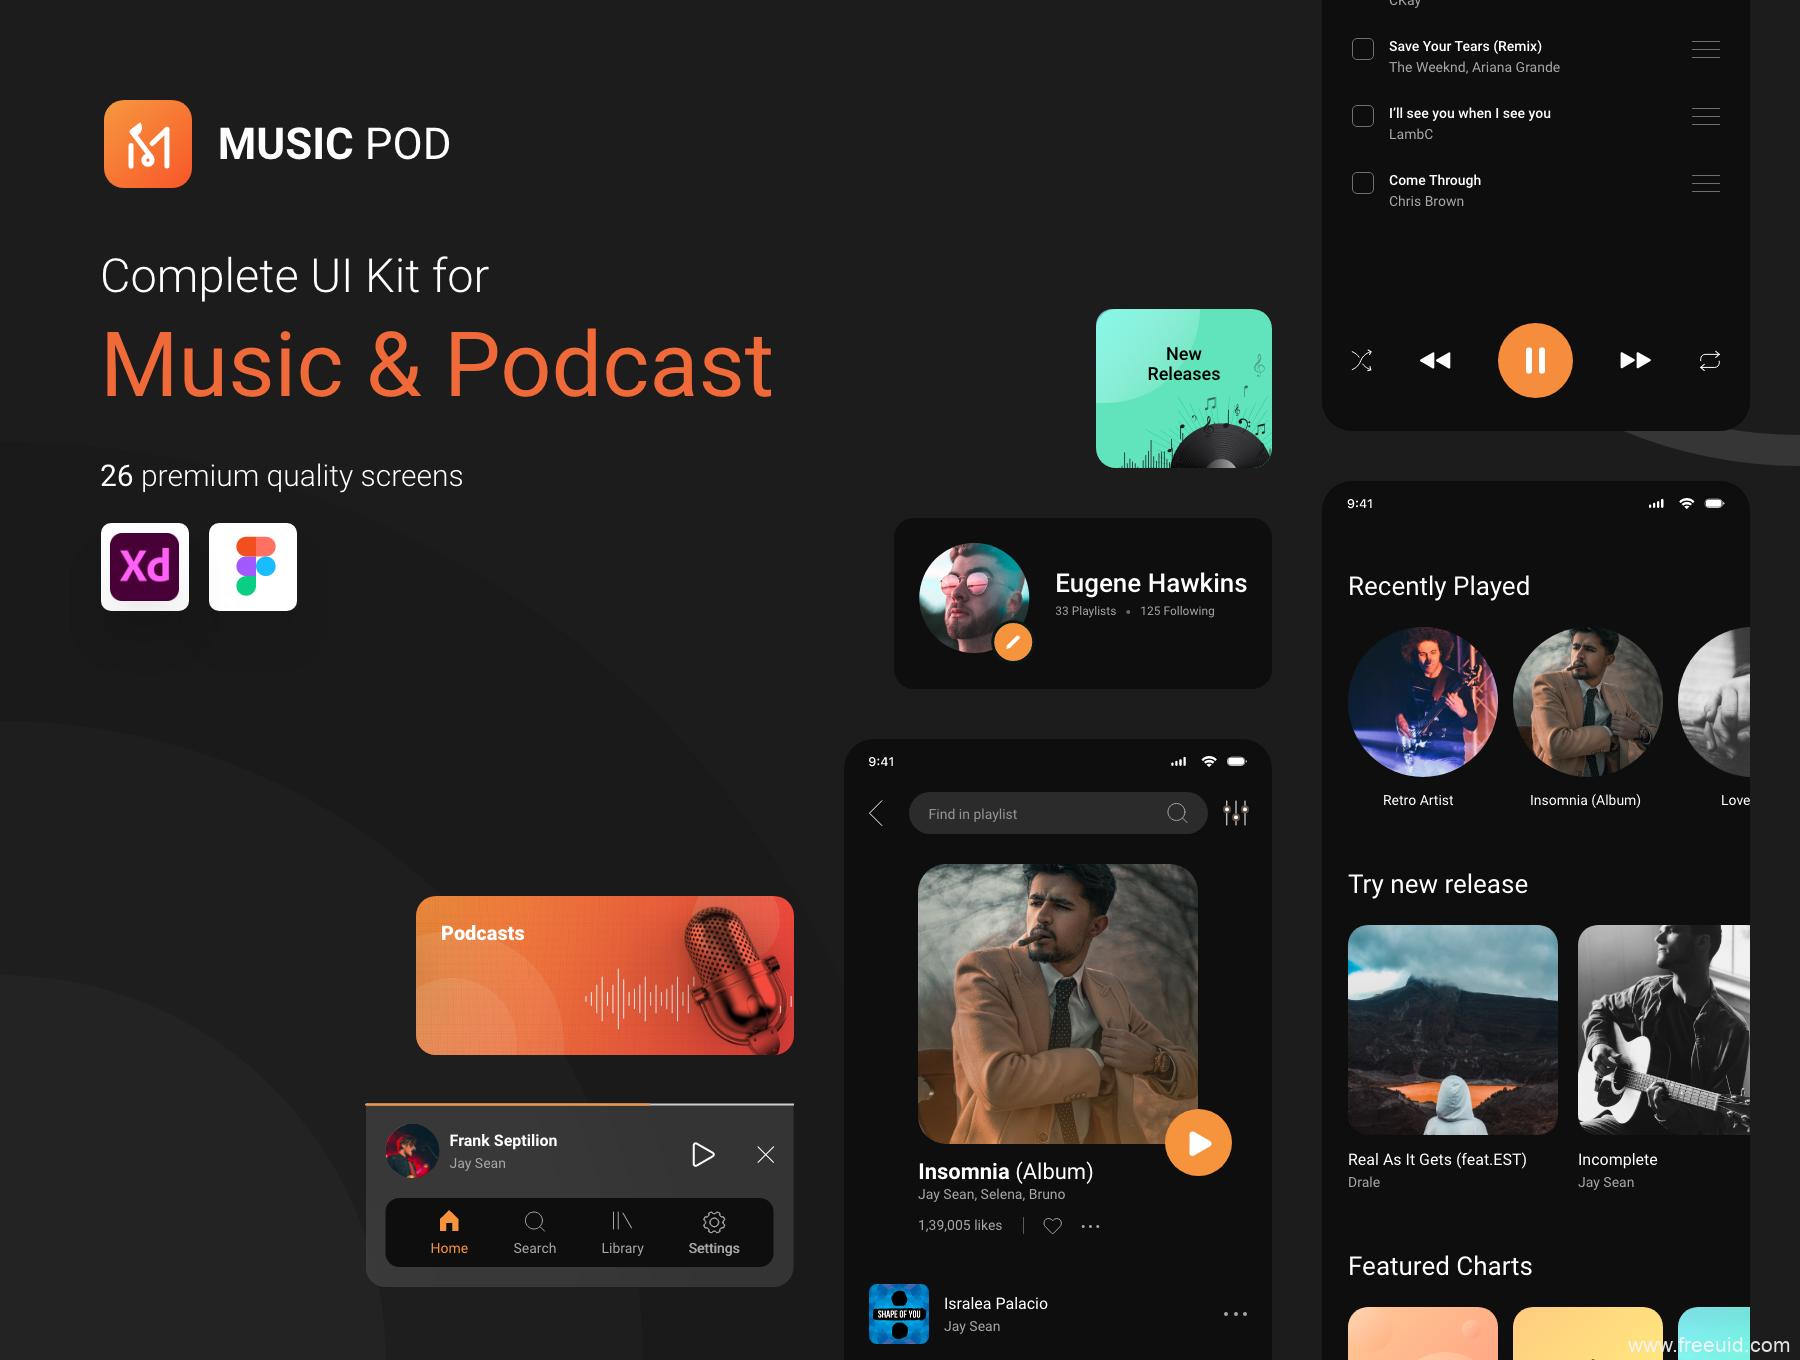 音乐app UI界面设计,音乐社区UI源文件下载,FM播客UI素材下载xd、figma